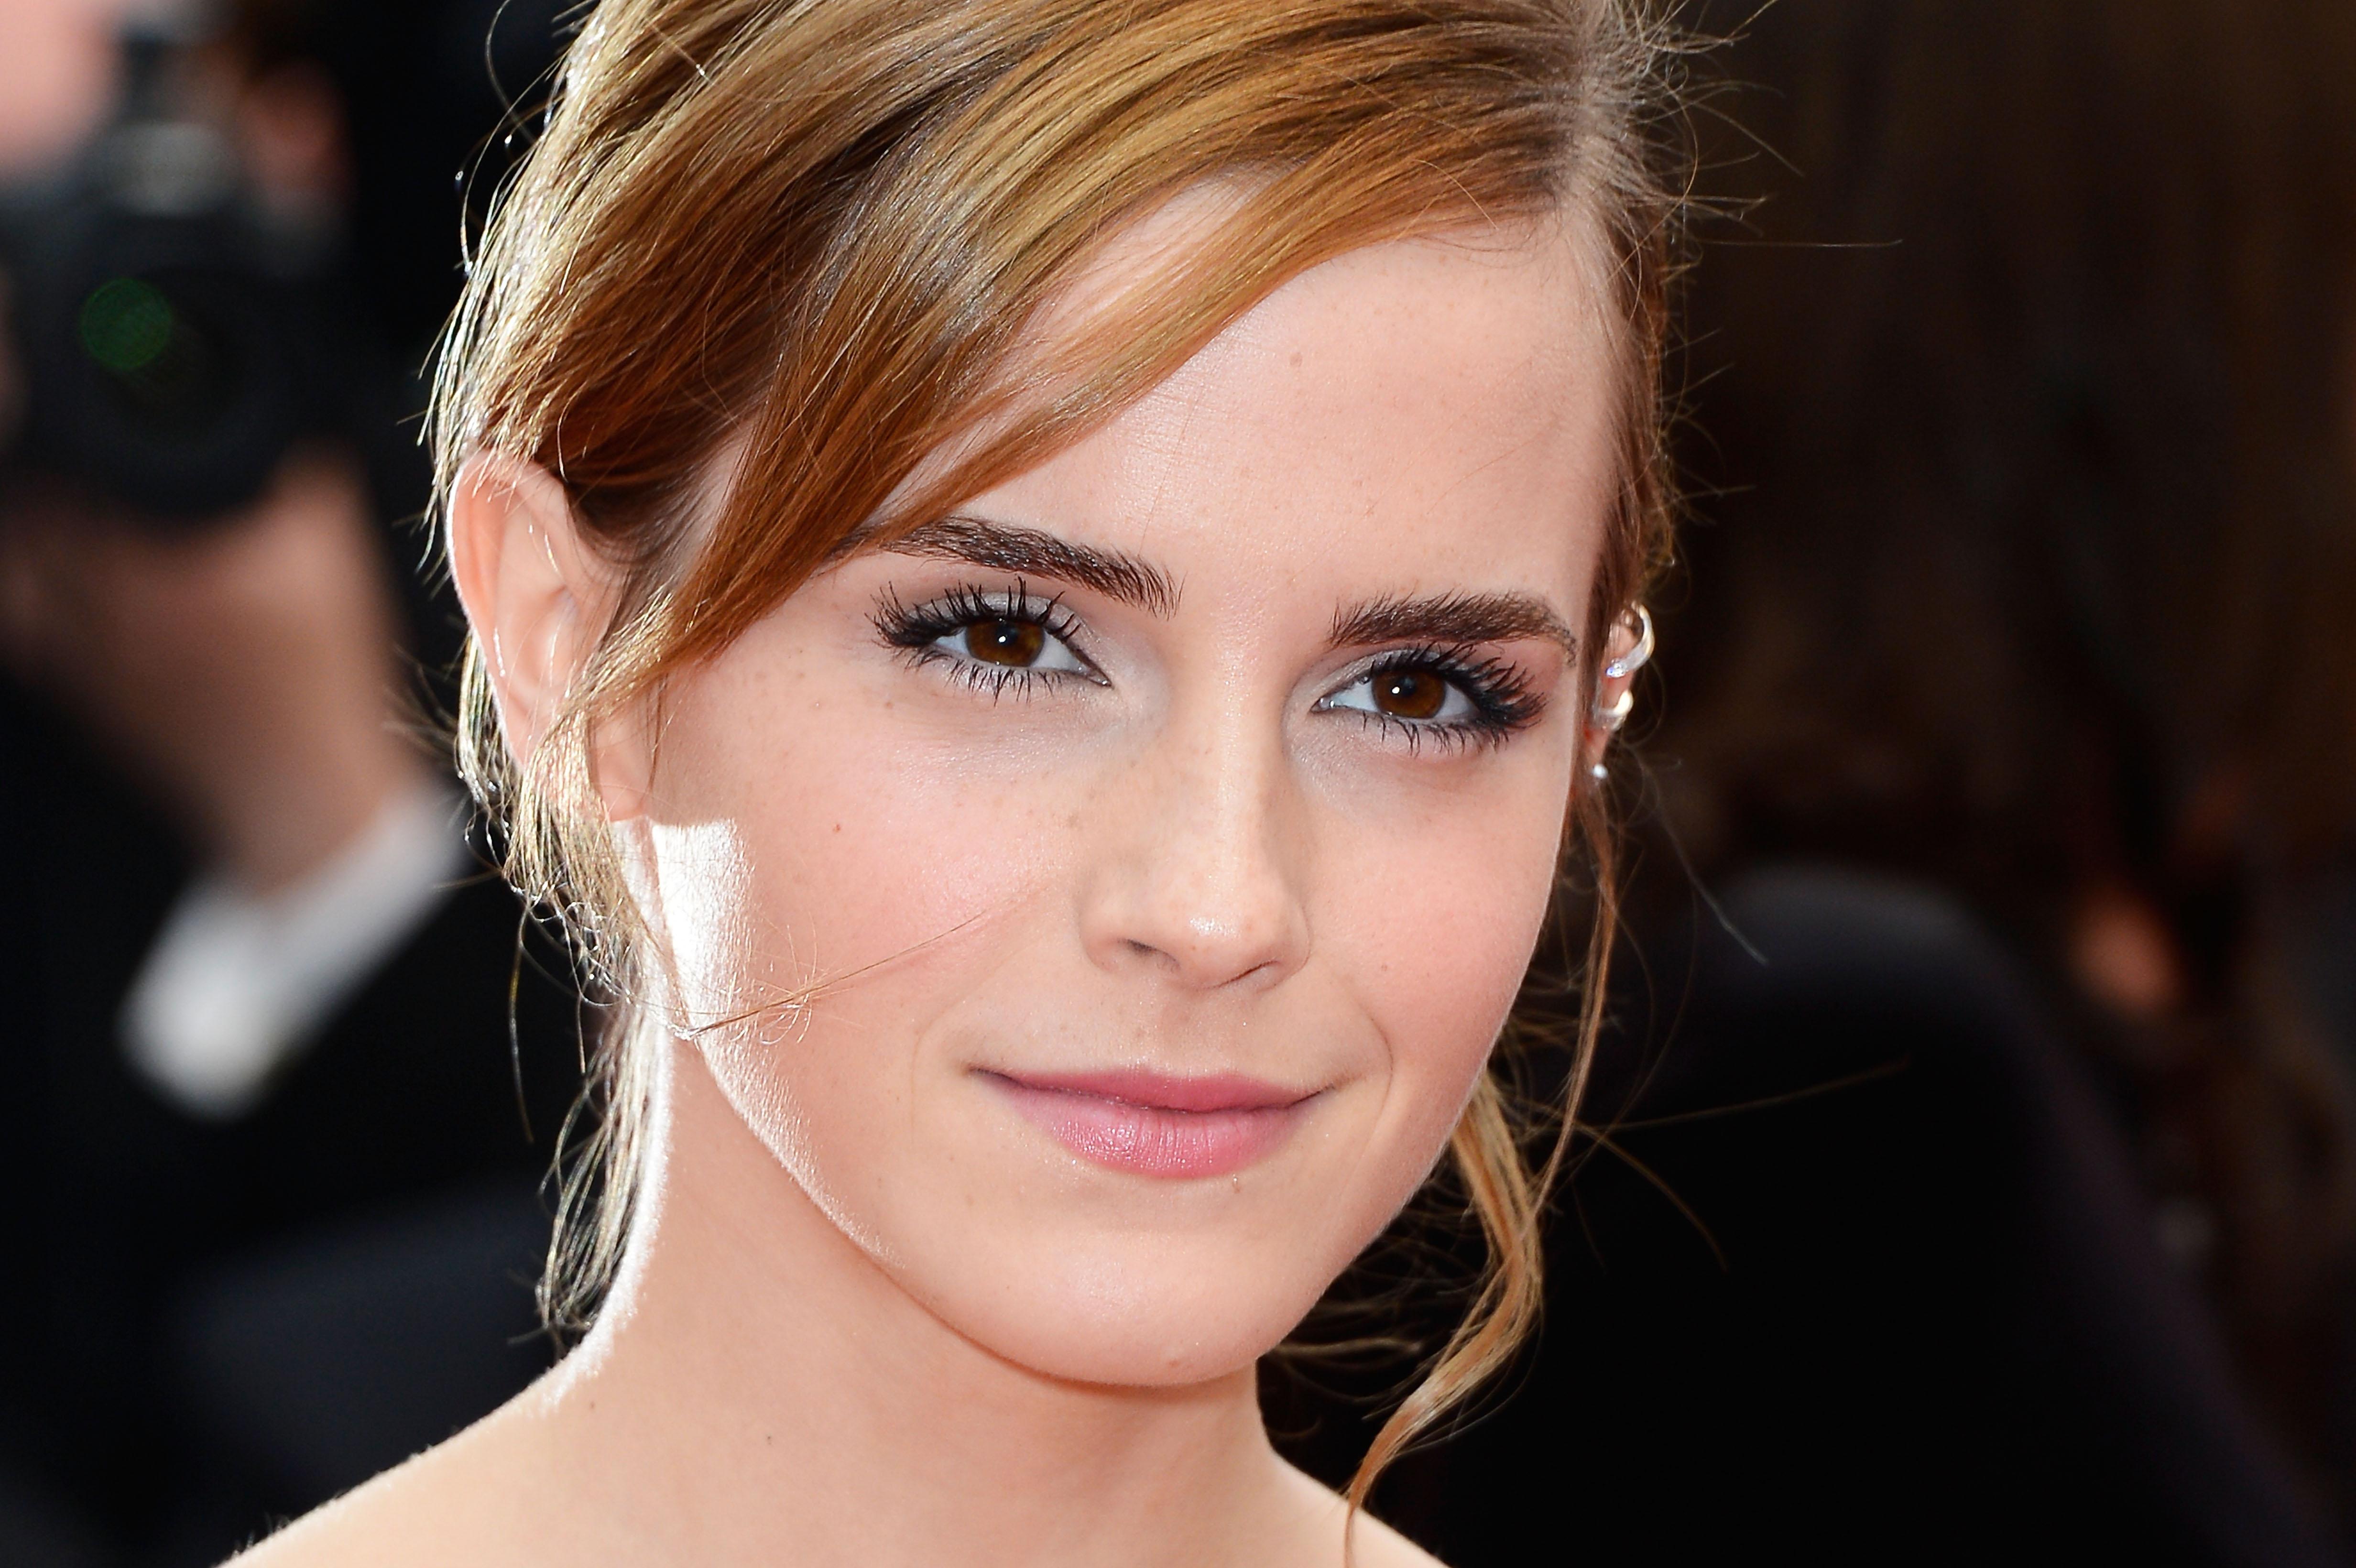 Emma Watson el rostro perfecto - 4928x3280